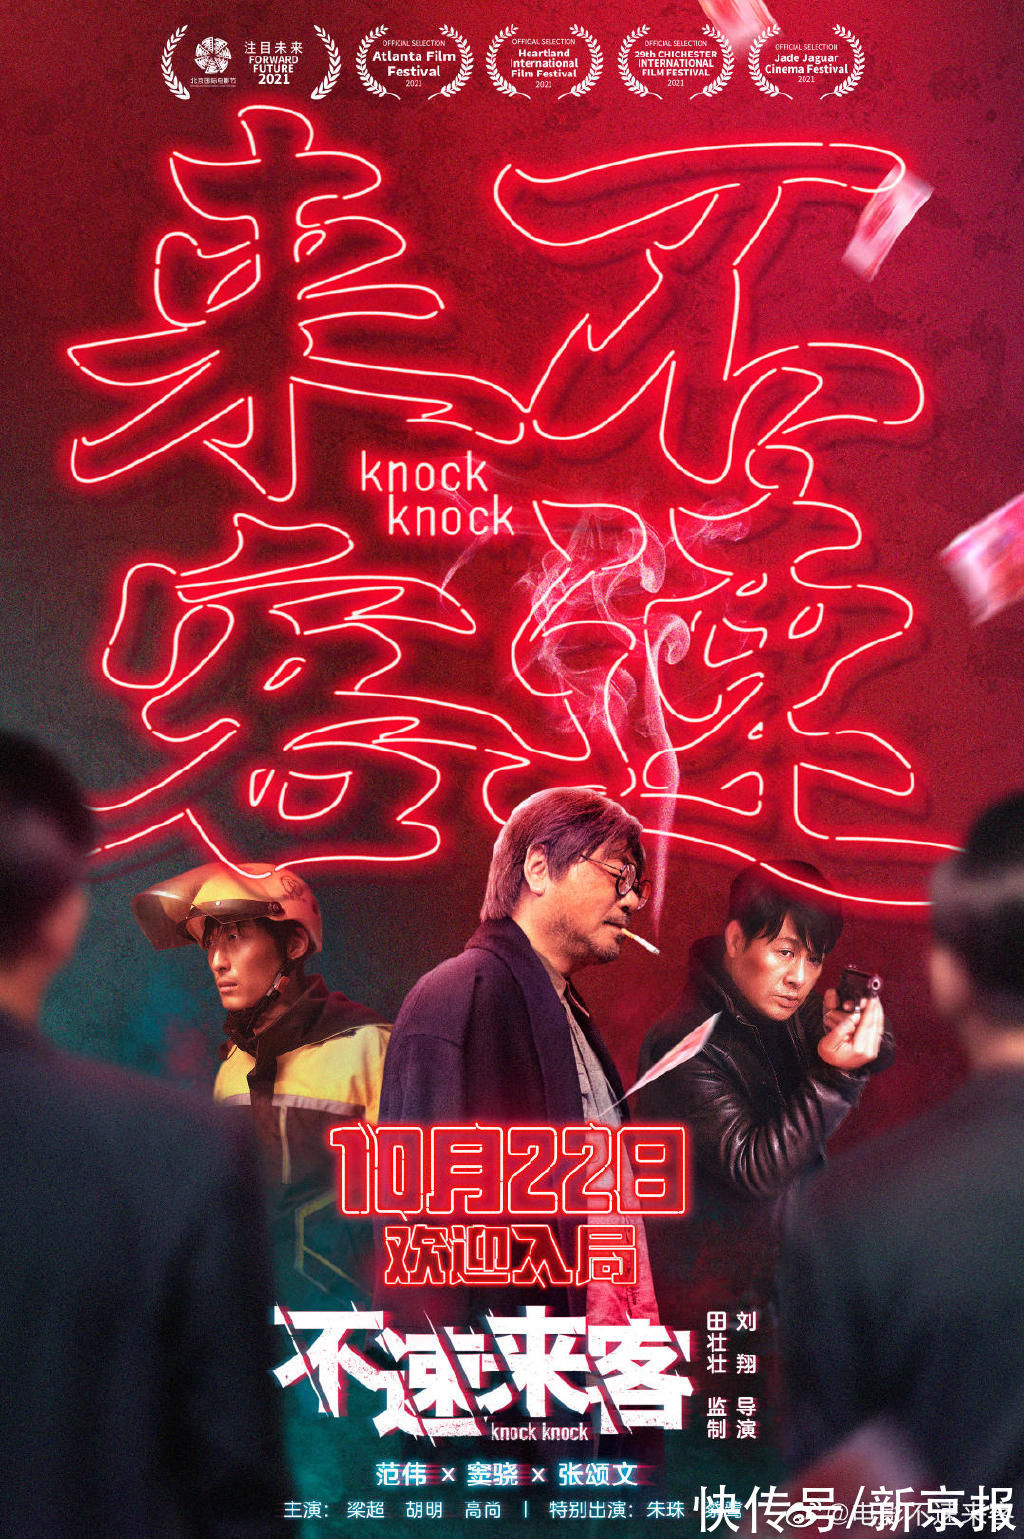 【不速来客】电影百度云「bd720p/mkv中字」全集Mp4网盘